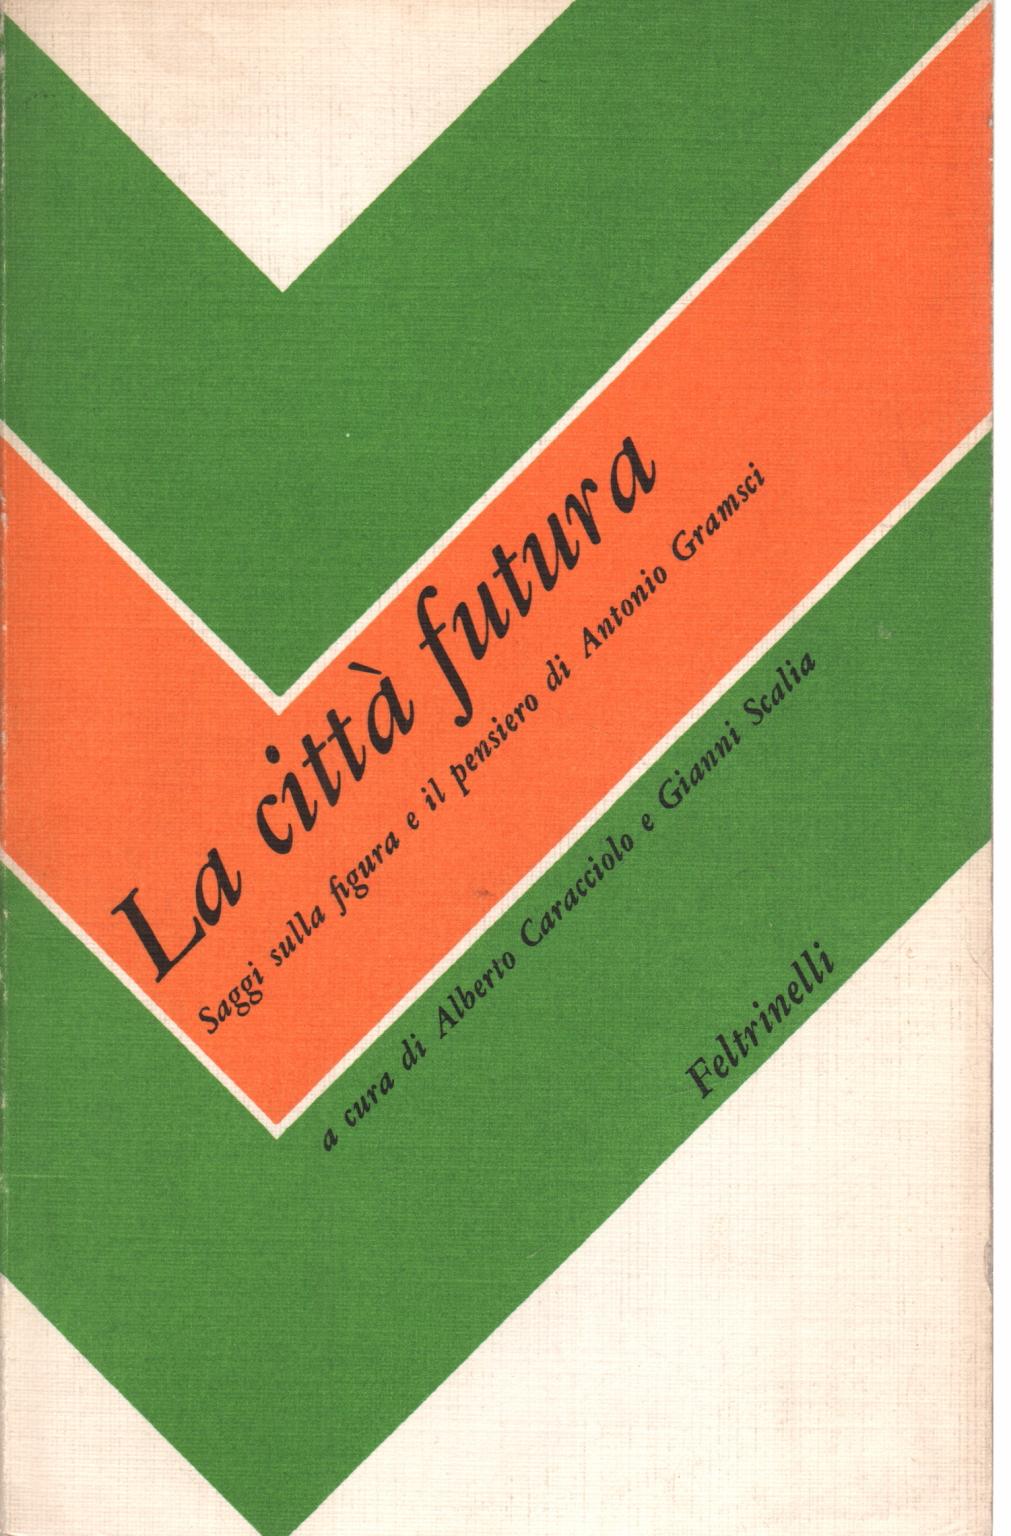 La Città Futura Alberto Caracciolo Gianni Scalia Politica